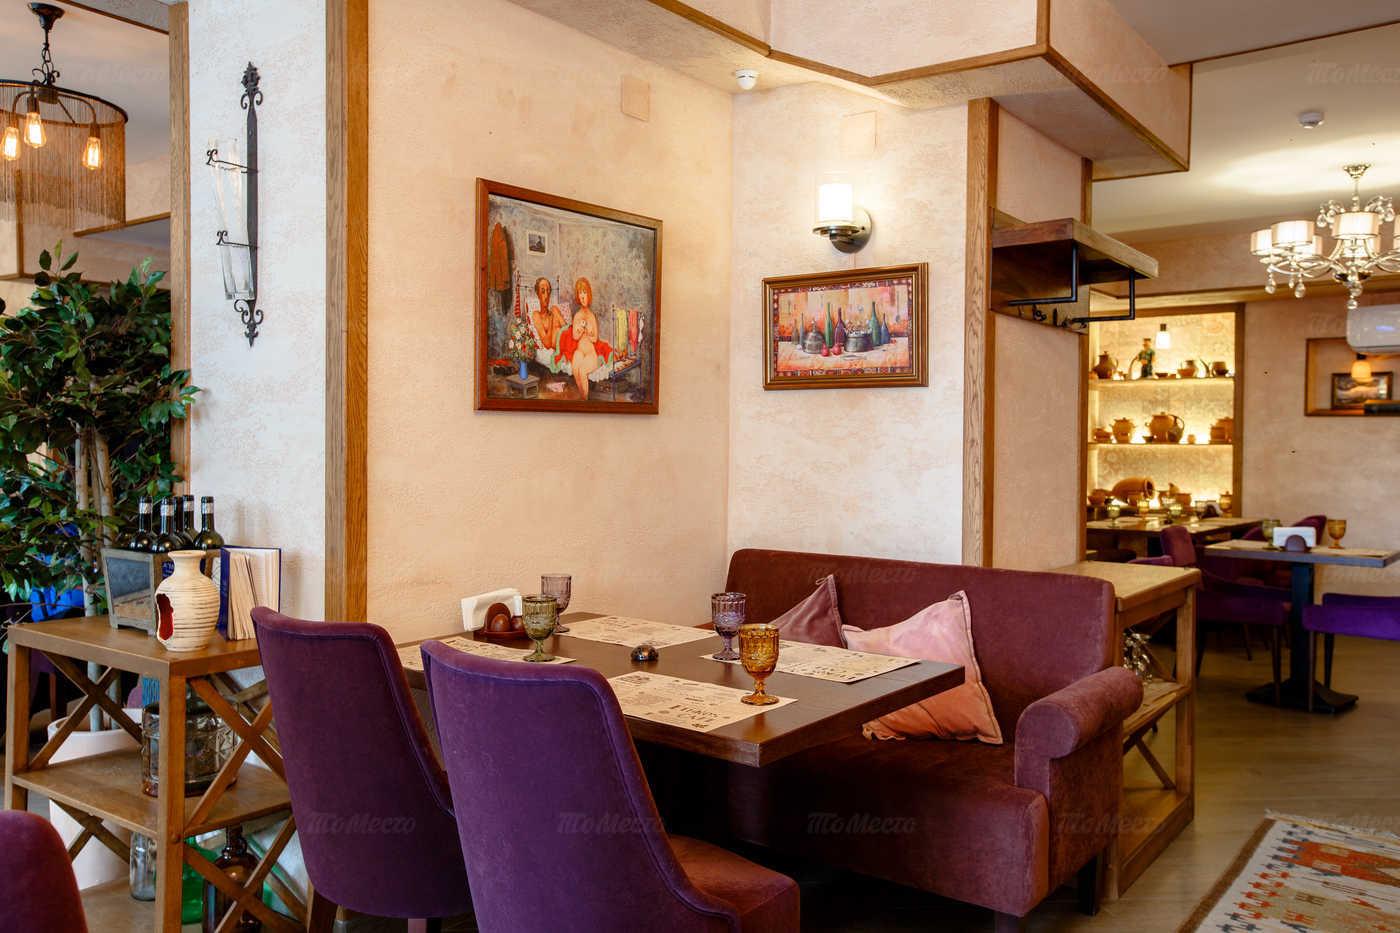 Кафе Этнос в Кузнечном переулке фото 15